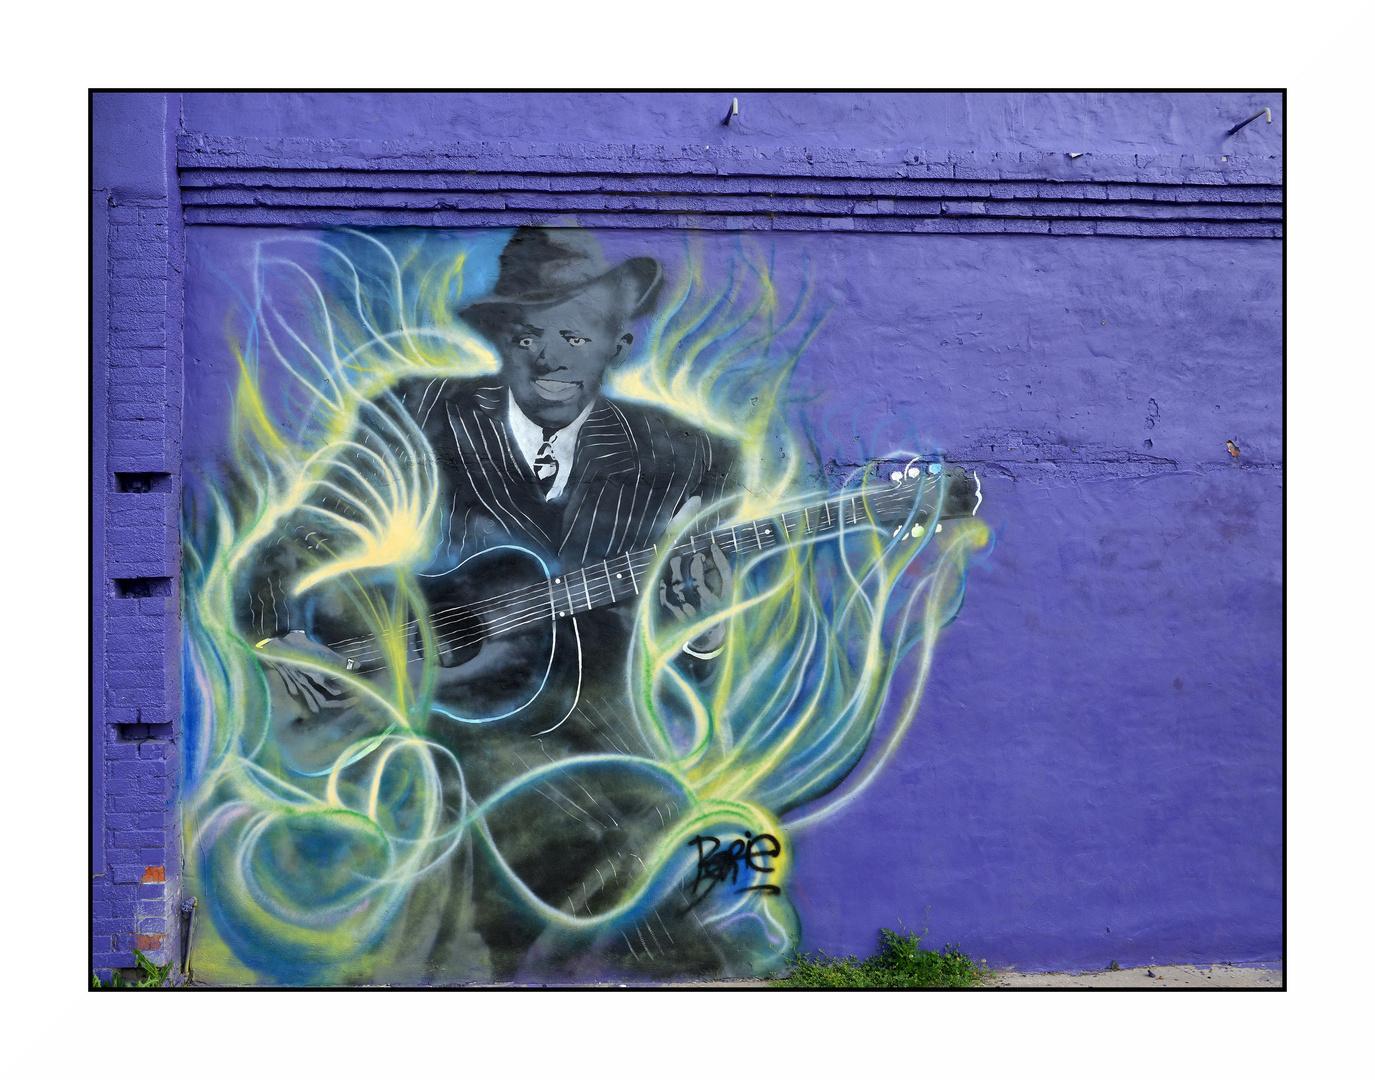 Wandbild in Clarksdale MS